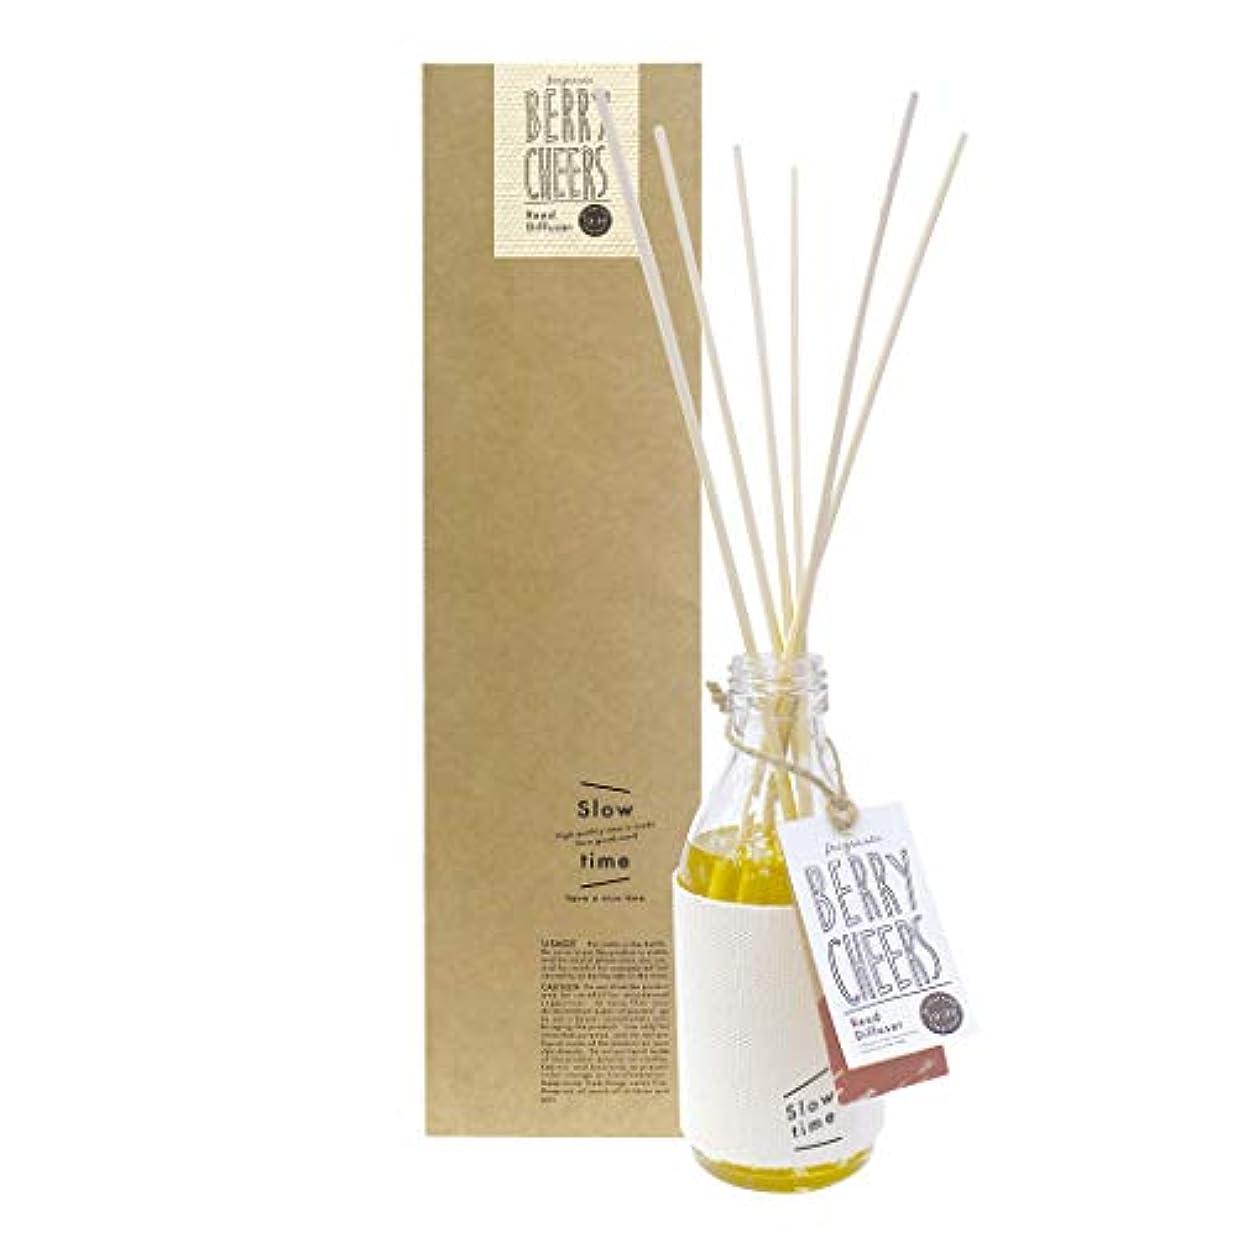 豊かにする伝導アラブノルコーポレーション リードディフューザー スロータイム ベリーチアーズ フルーツの香り 150ml SWT-1-02